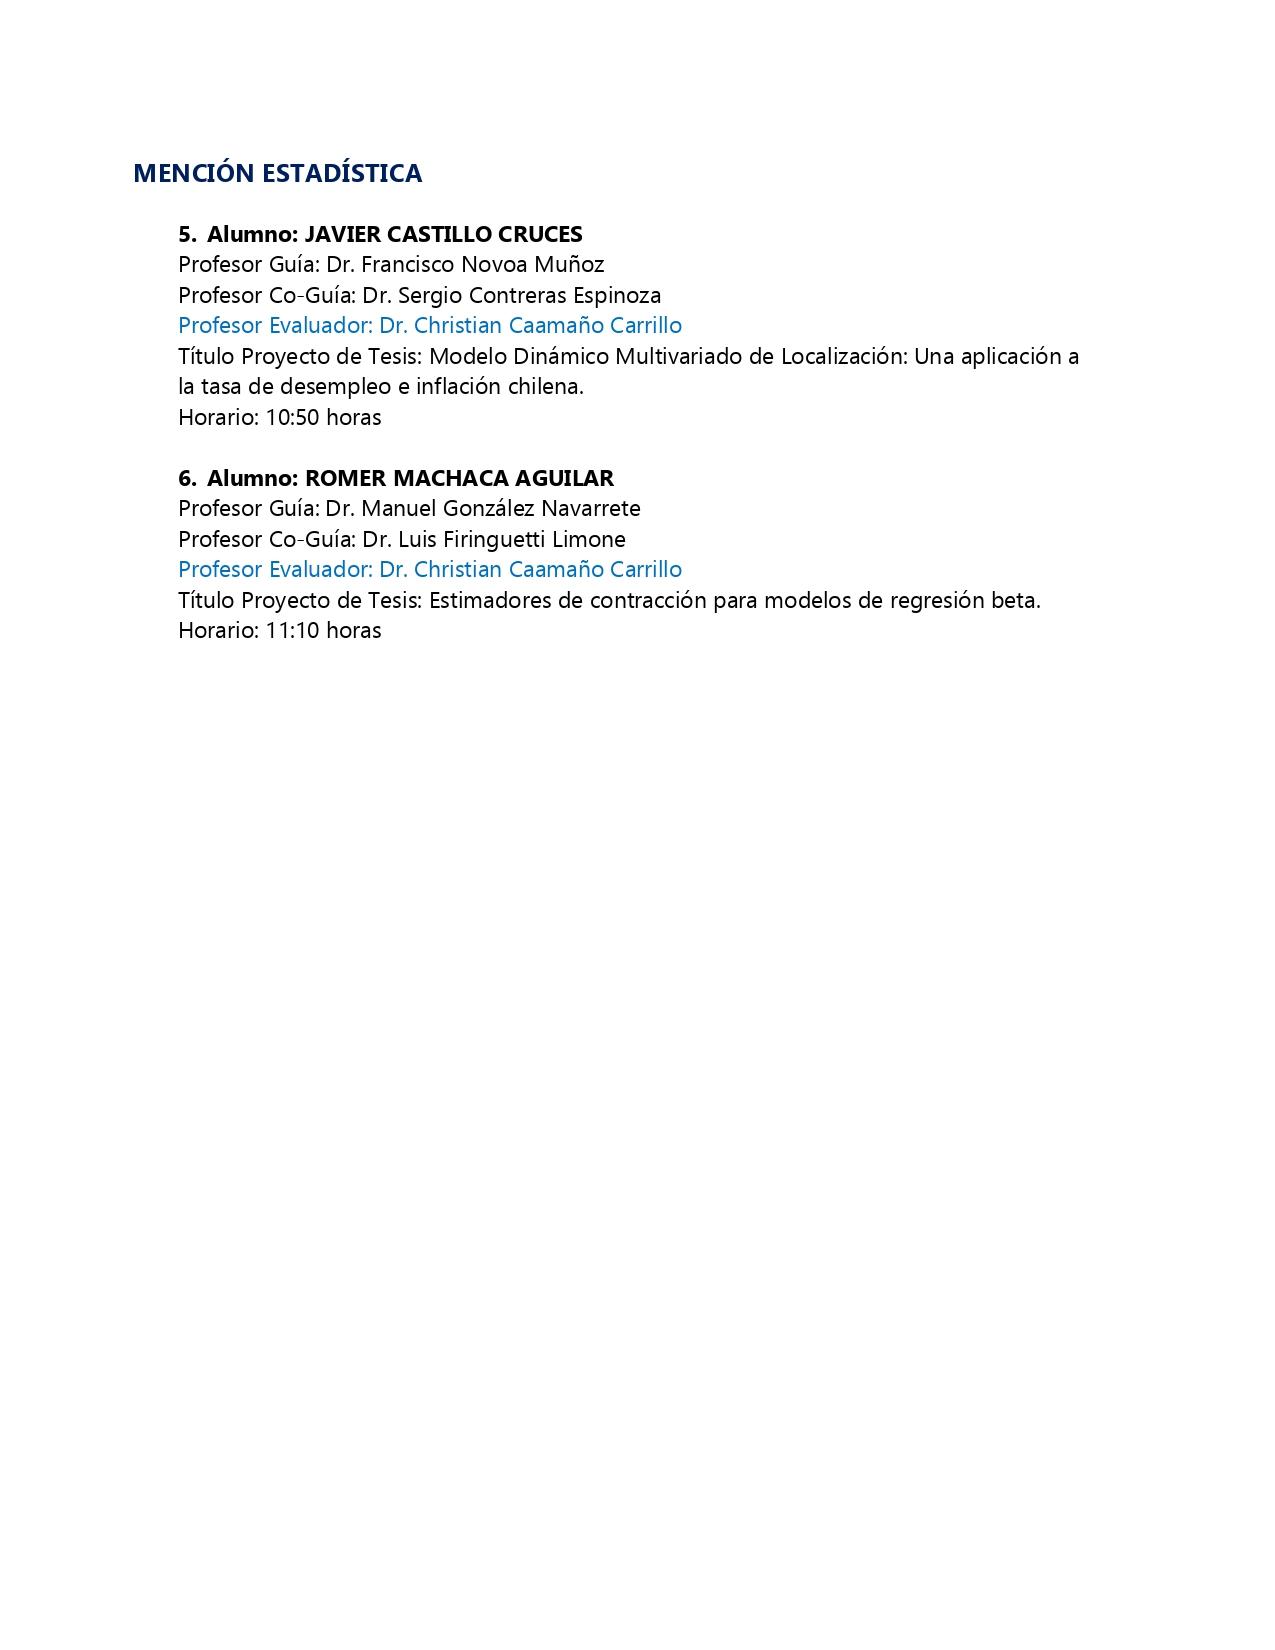 presentaciones-de-anteproyectos-de-tesis-2021_page-0002